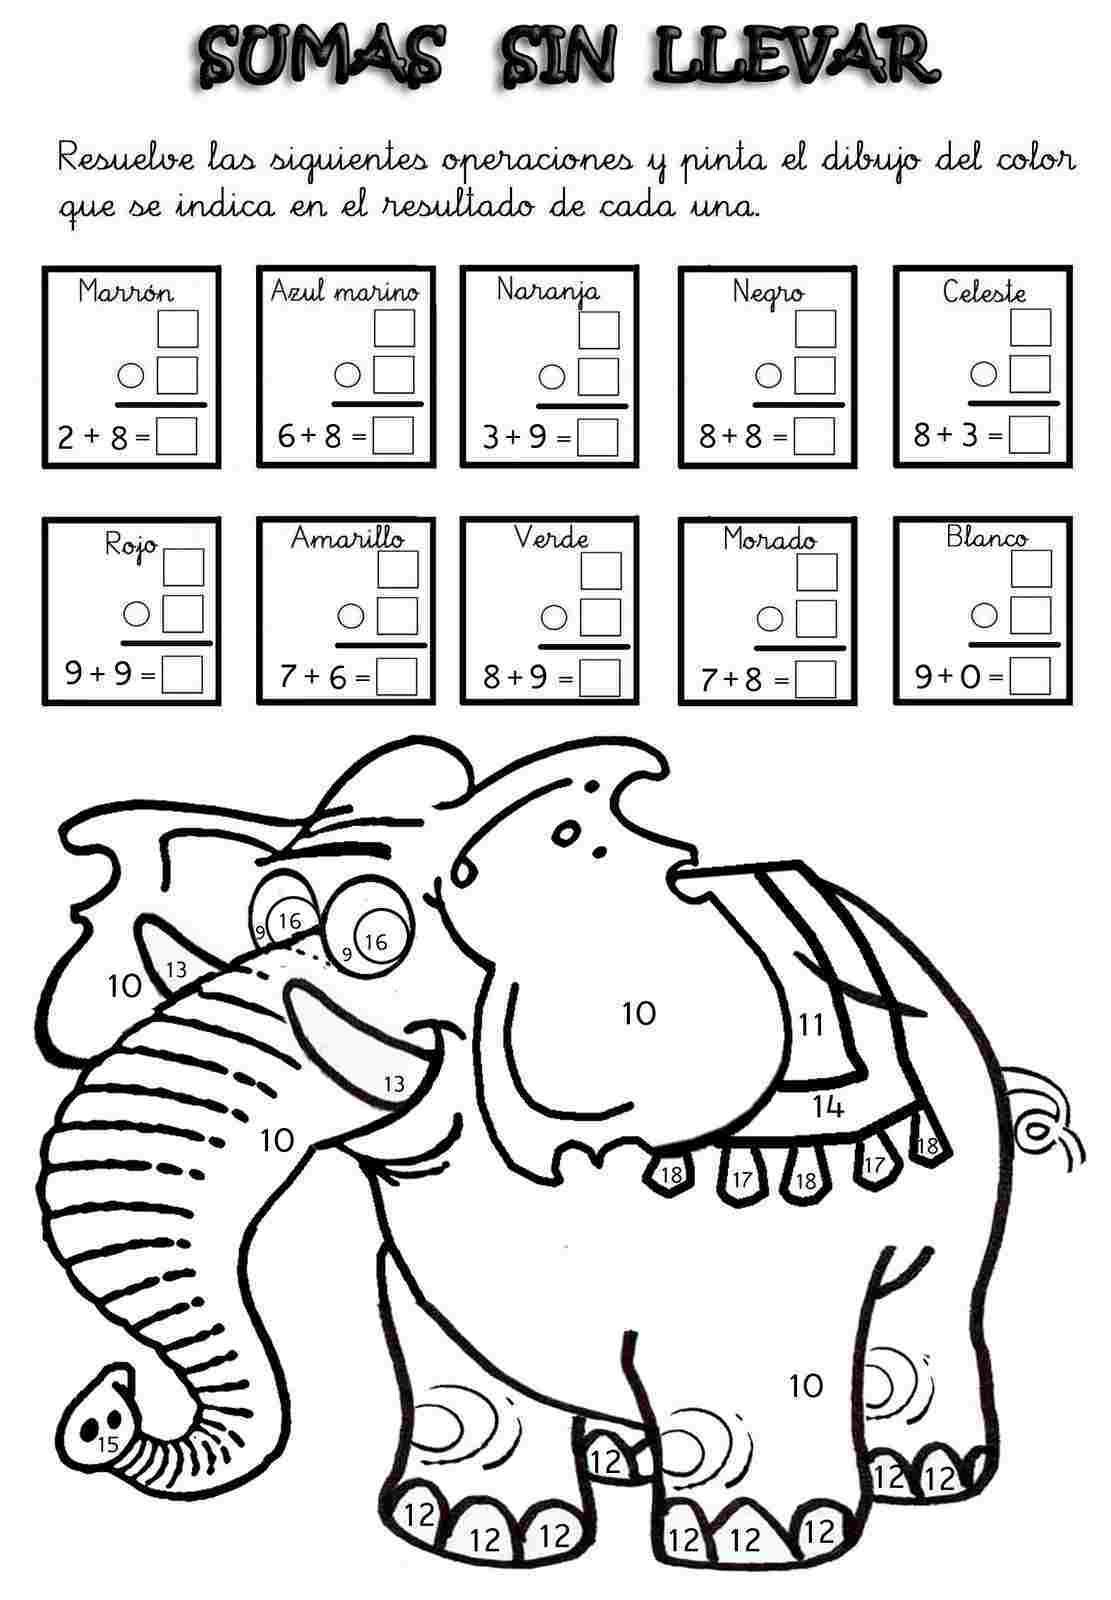 Colorear Con Operaciones Matematicas Manualidades A Raudales